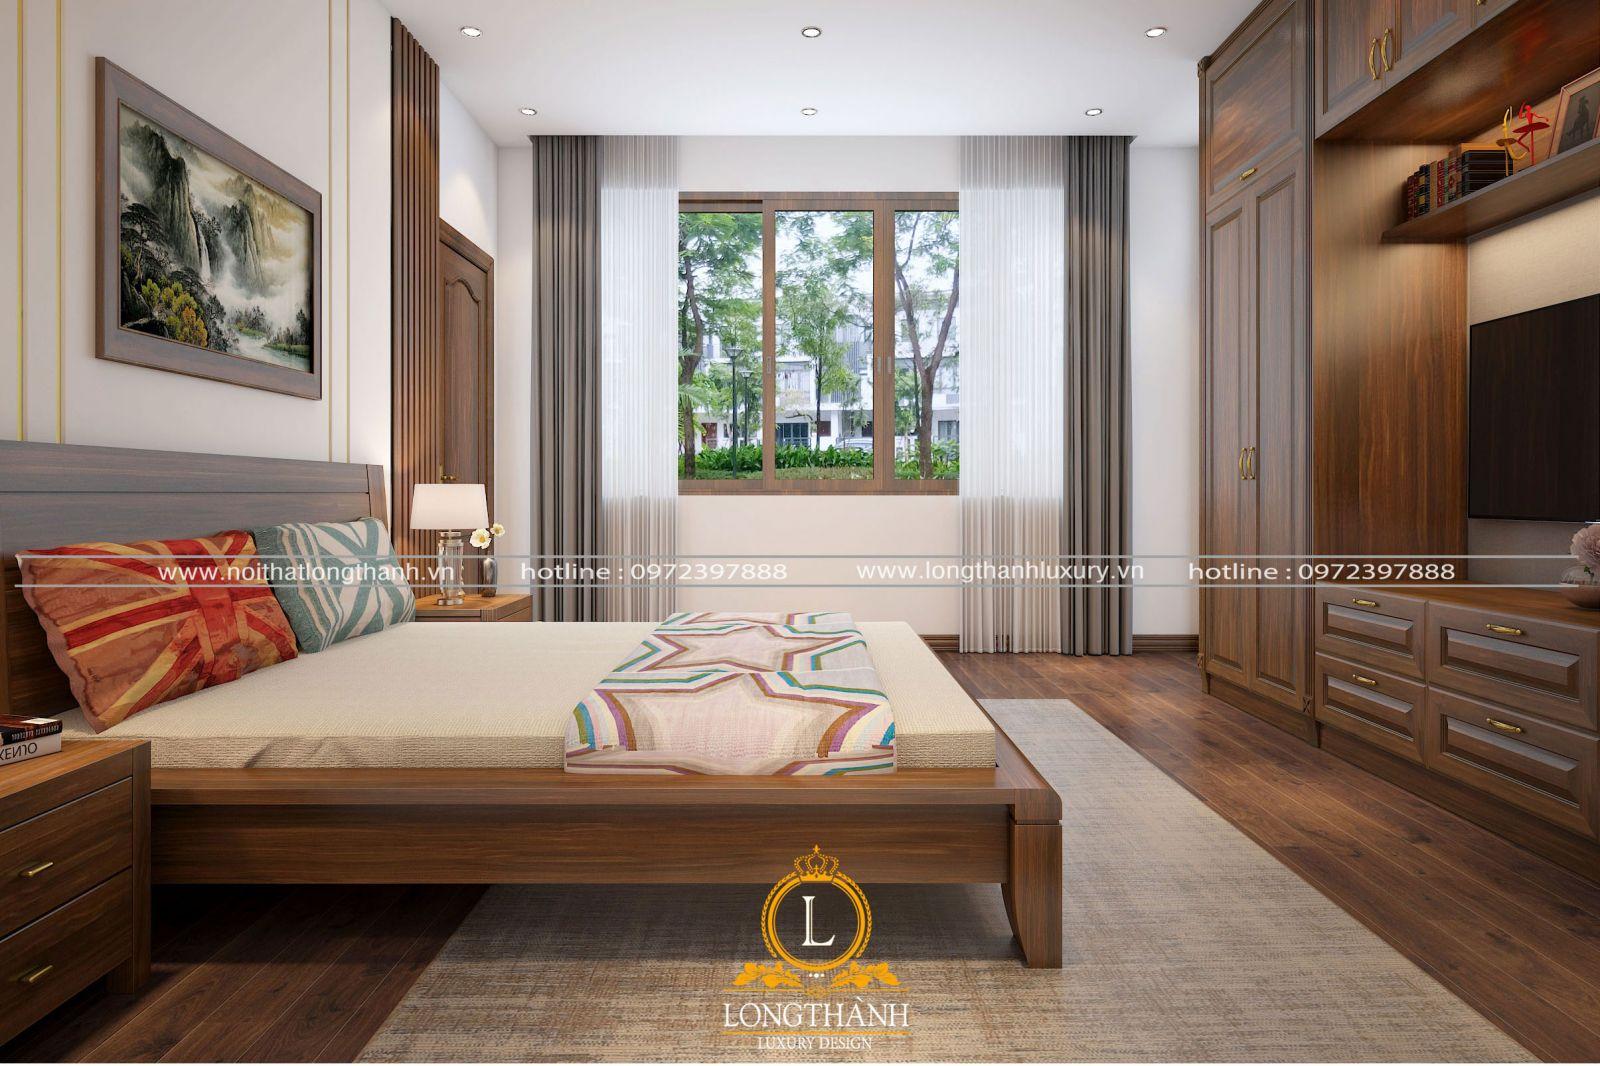 Không gian phòng ngủ hiện đại nhỏ được bố trí gọn gàng và ngăn nắp